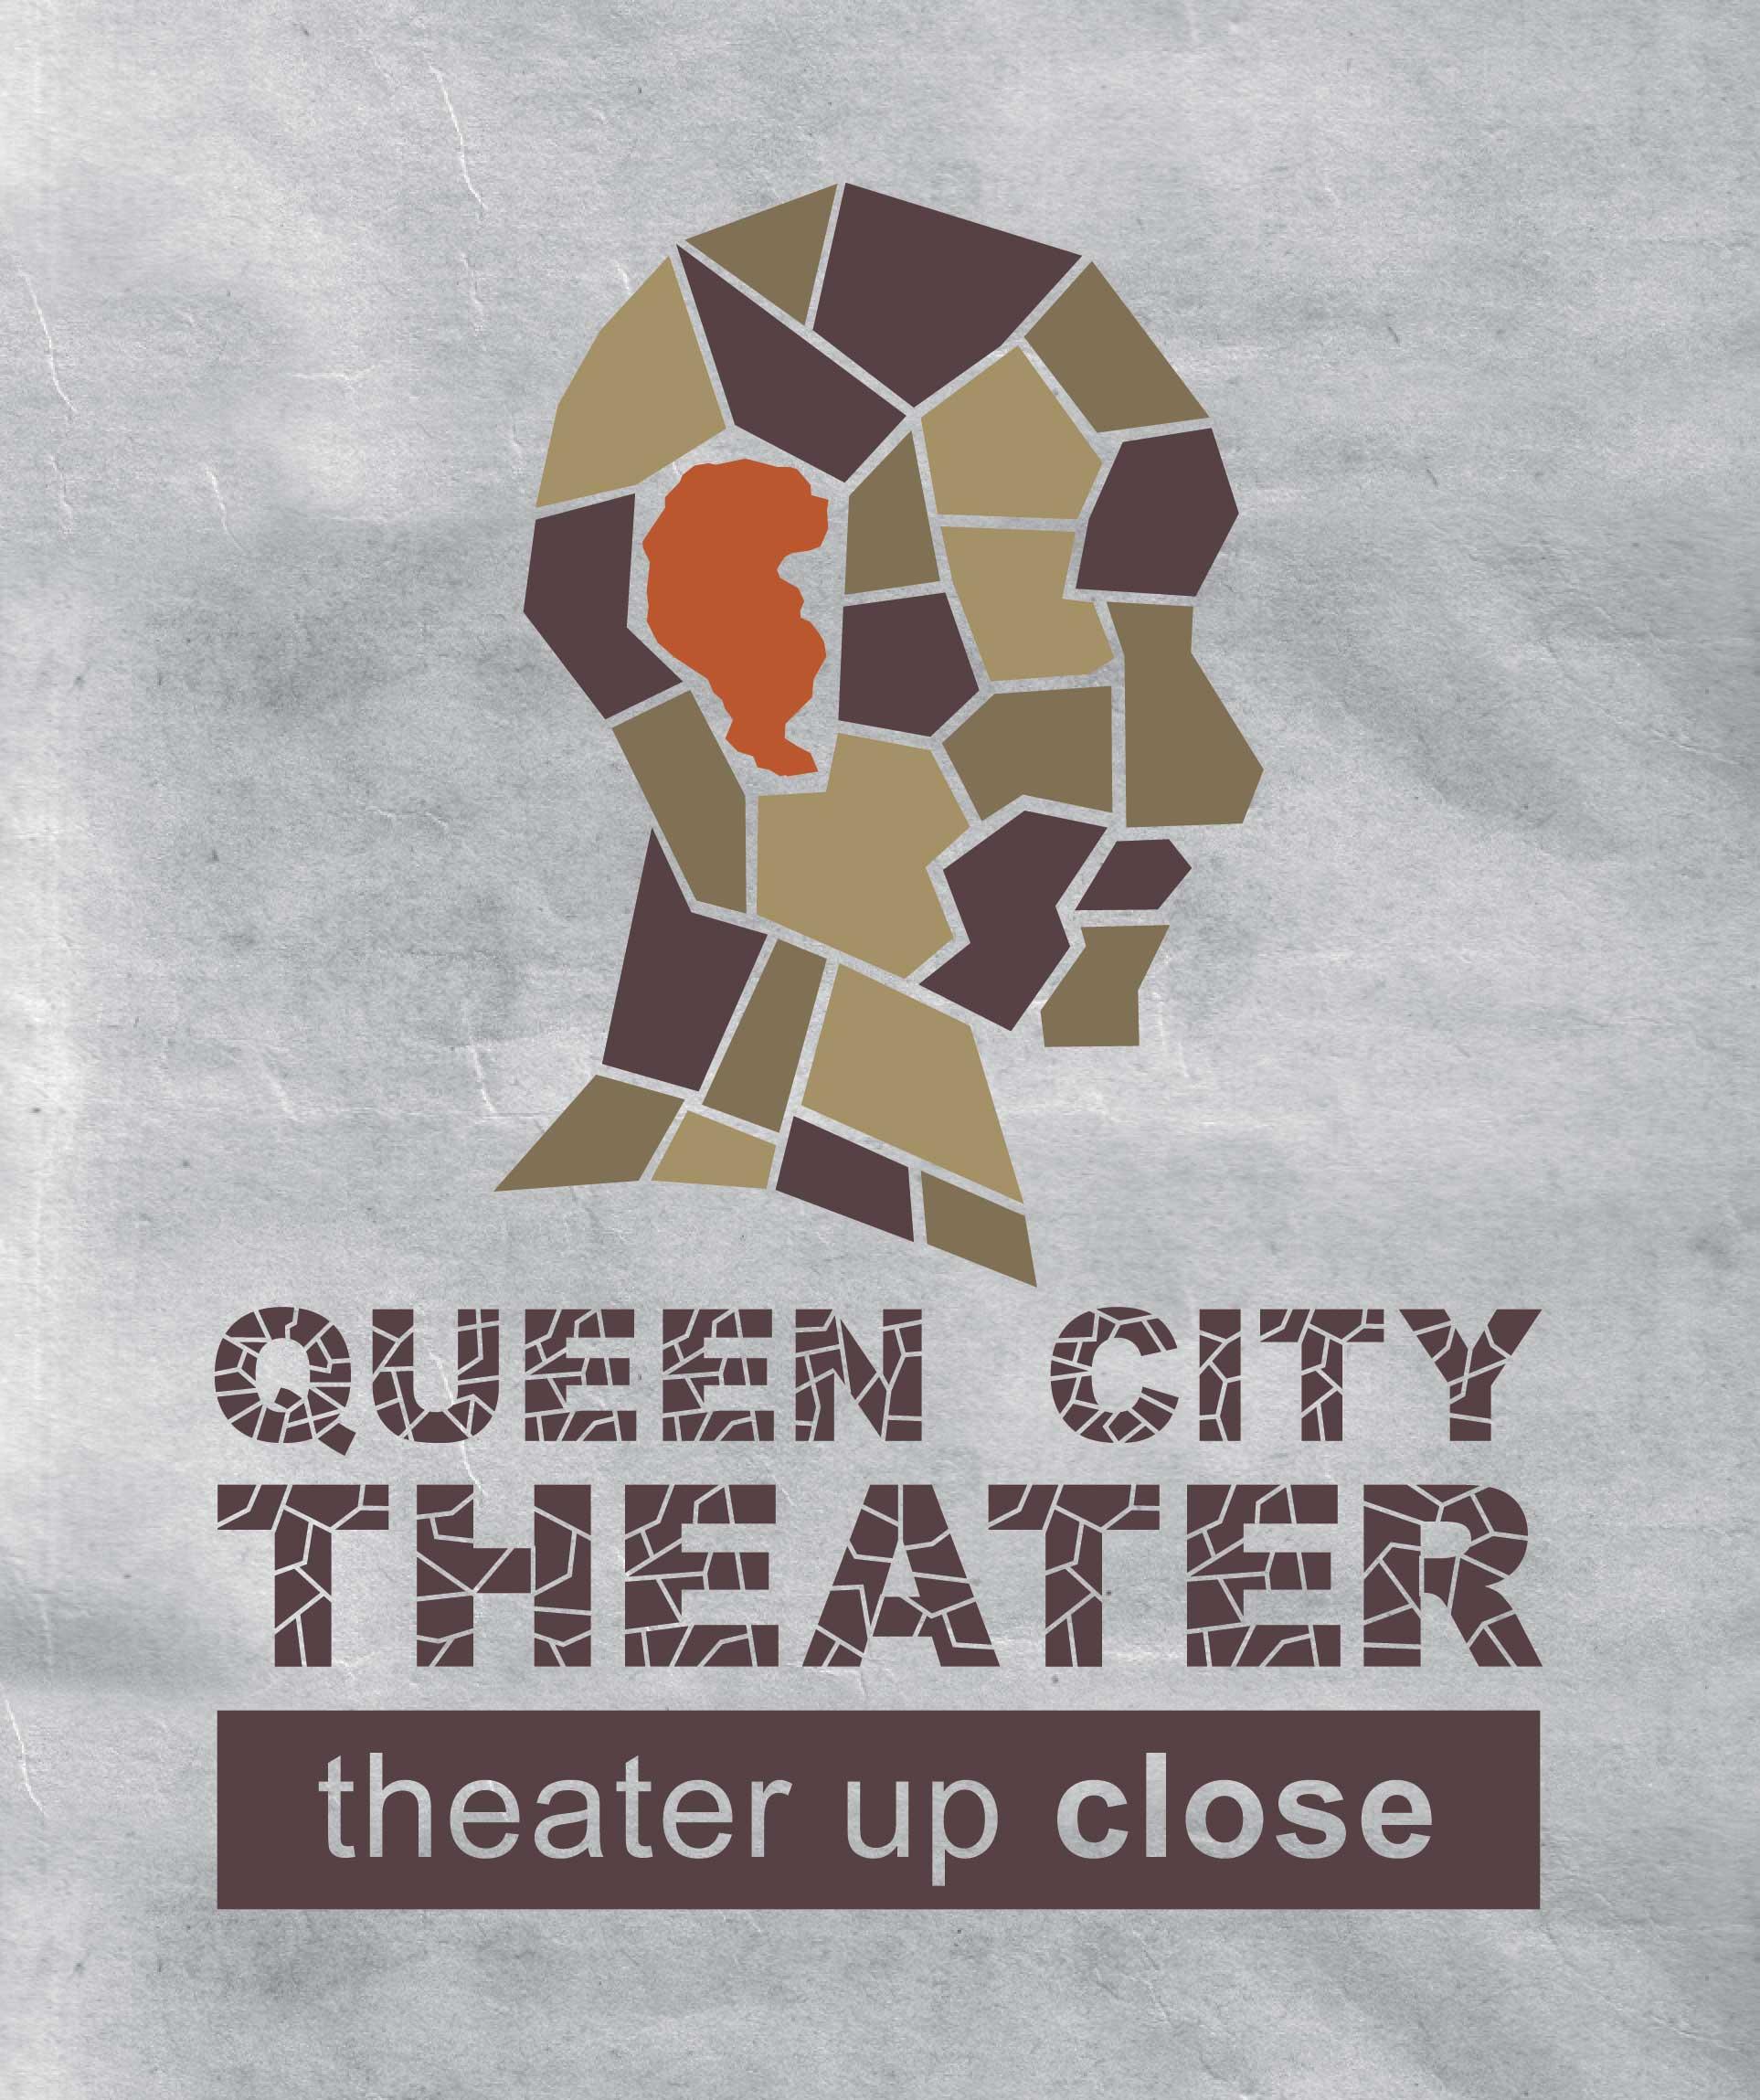 T shirt design on queen city -  2009 Queen City Theater Logo